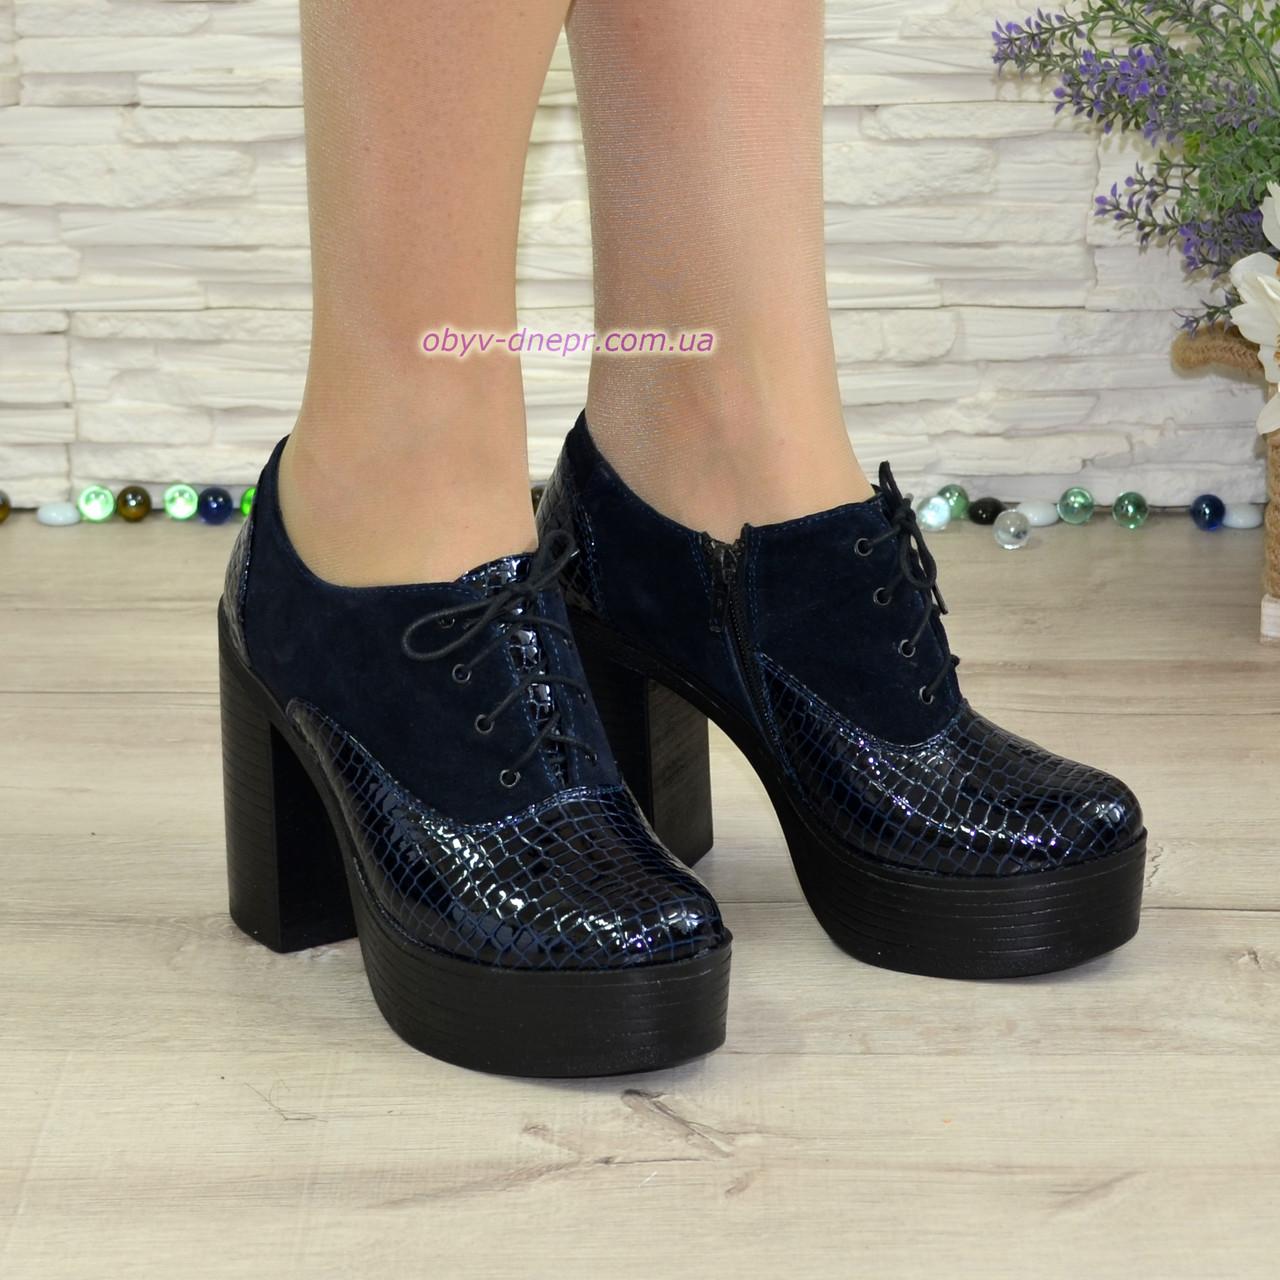 Женски синие туфли на высоком устойчивом каблуке, на шнуровке, натуральная кожа питон и замша